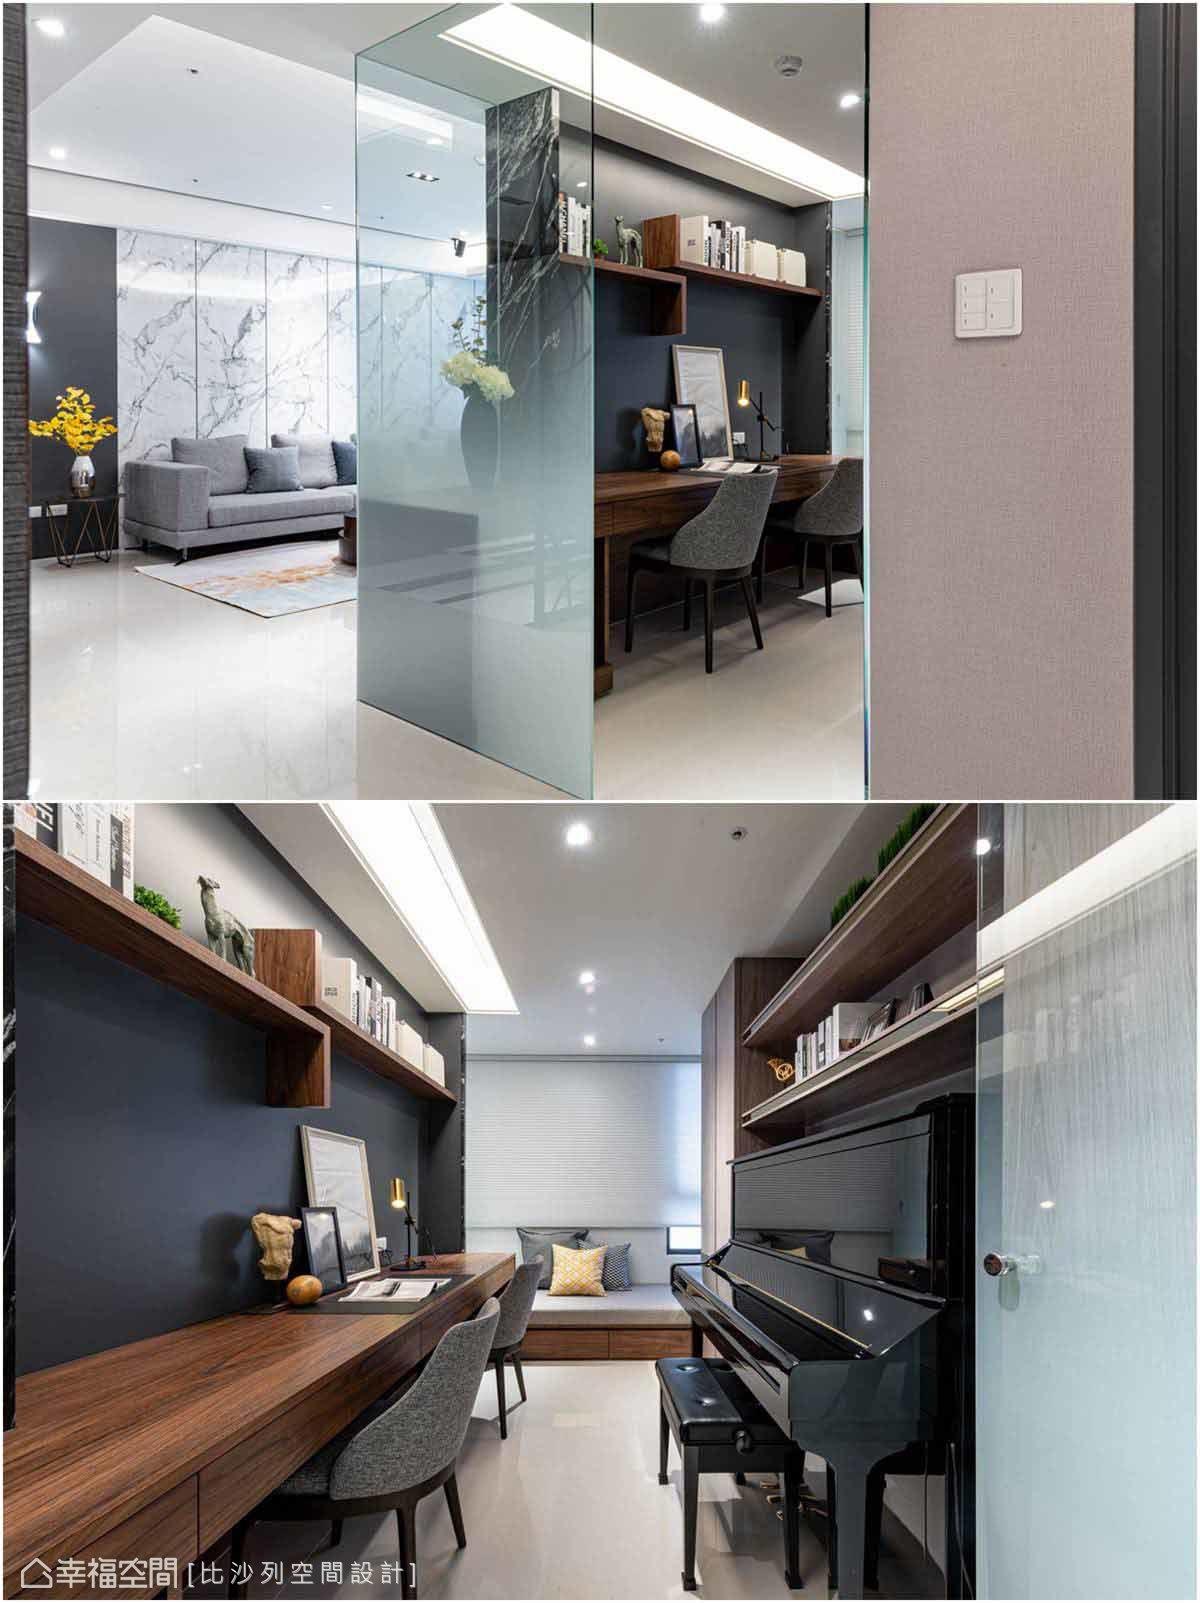 運用玻璃材質區隔場域,維持空間通透感,卻仍保有私密安全感。